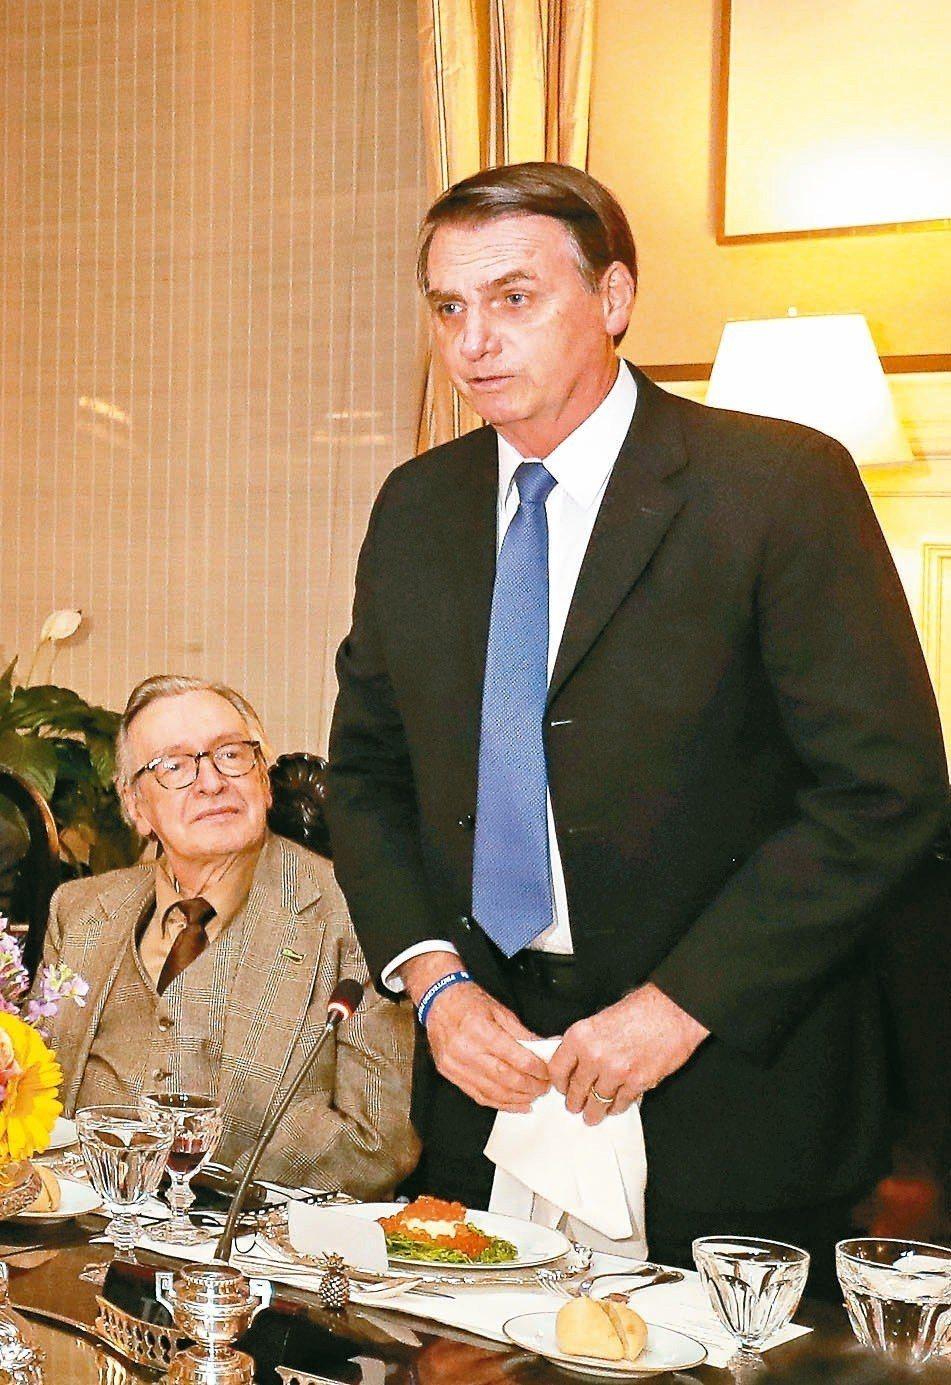 巴西總統波索納洛(右)三月視察巴西駐美大使館,卡瓦留坐在旁邊。 (法新社)